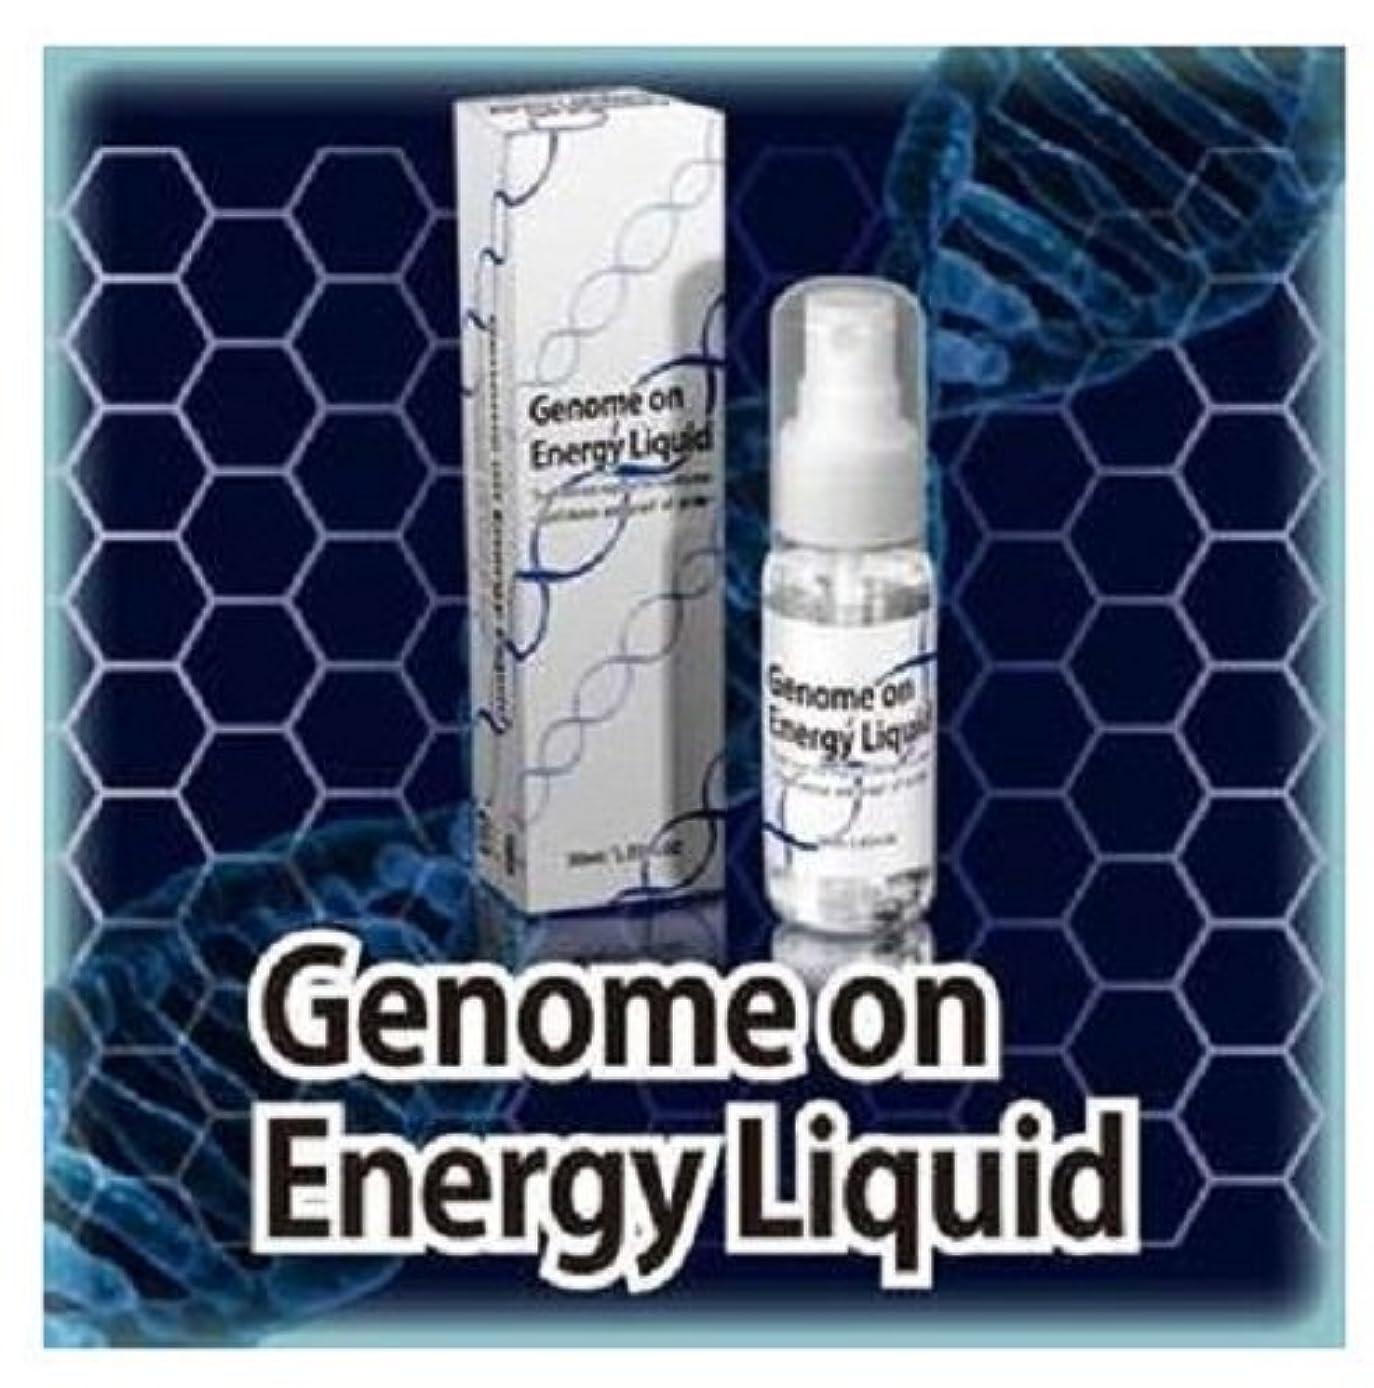 安息悲劇的なぐったりゲノムオンエナジーリキッド Genome on Energy Liquid